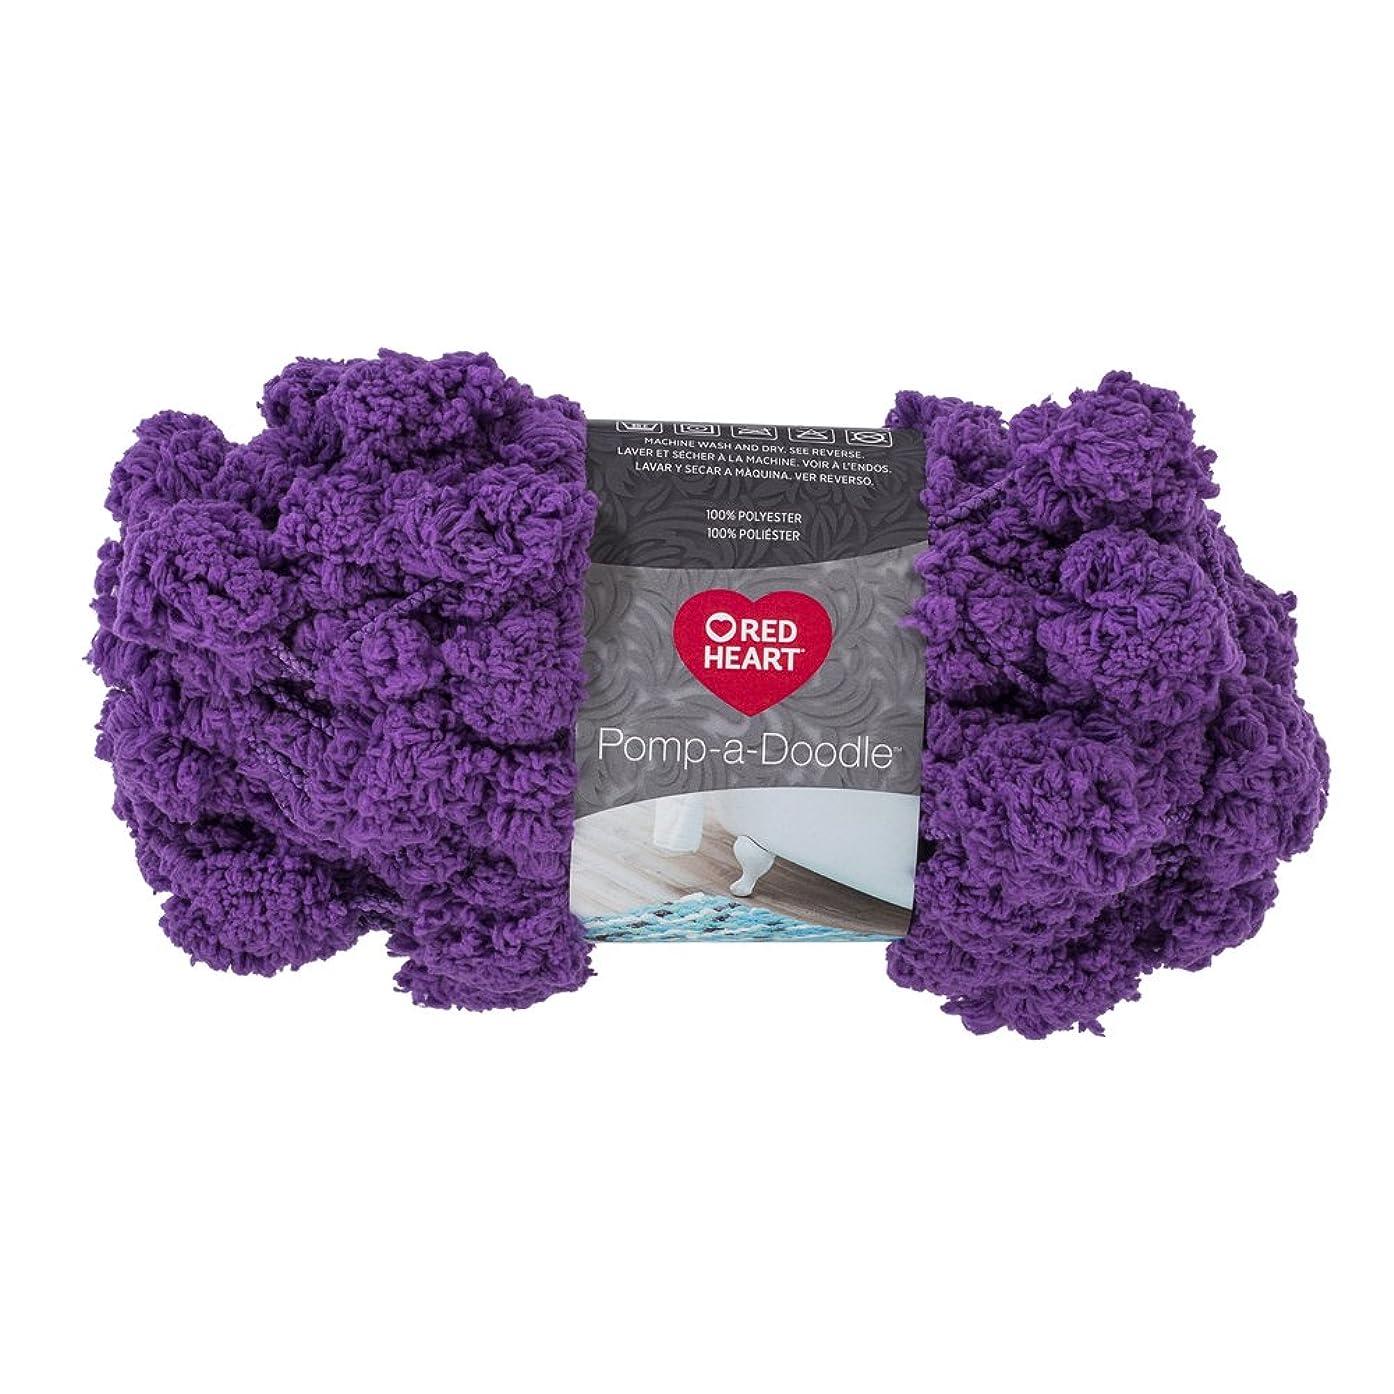 RED HEART Pomp-A-Doodle yarn Violet